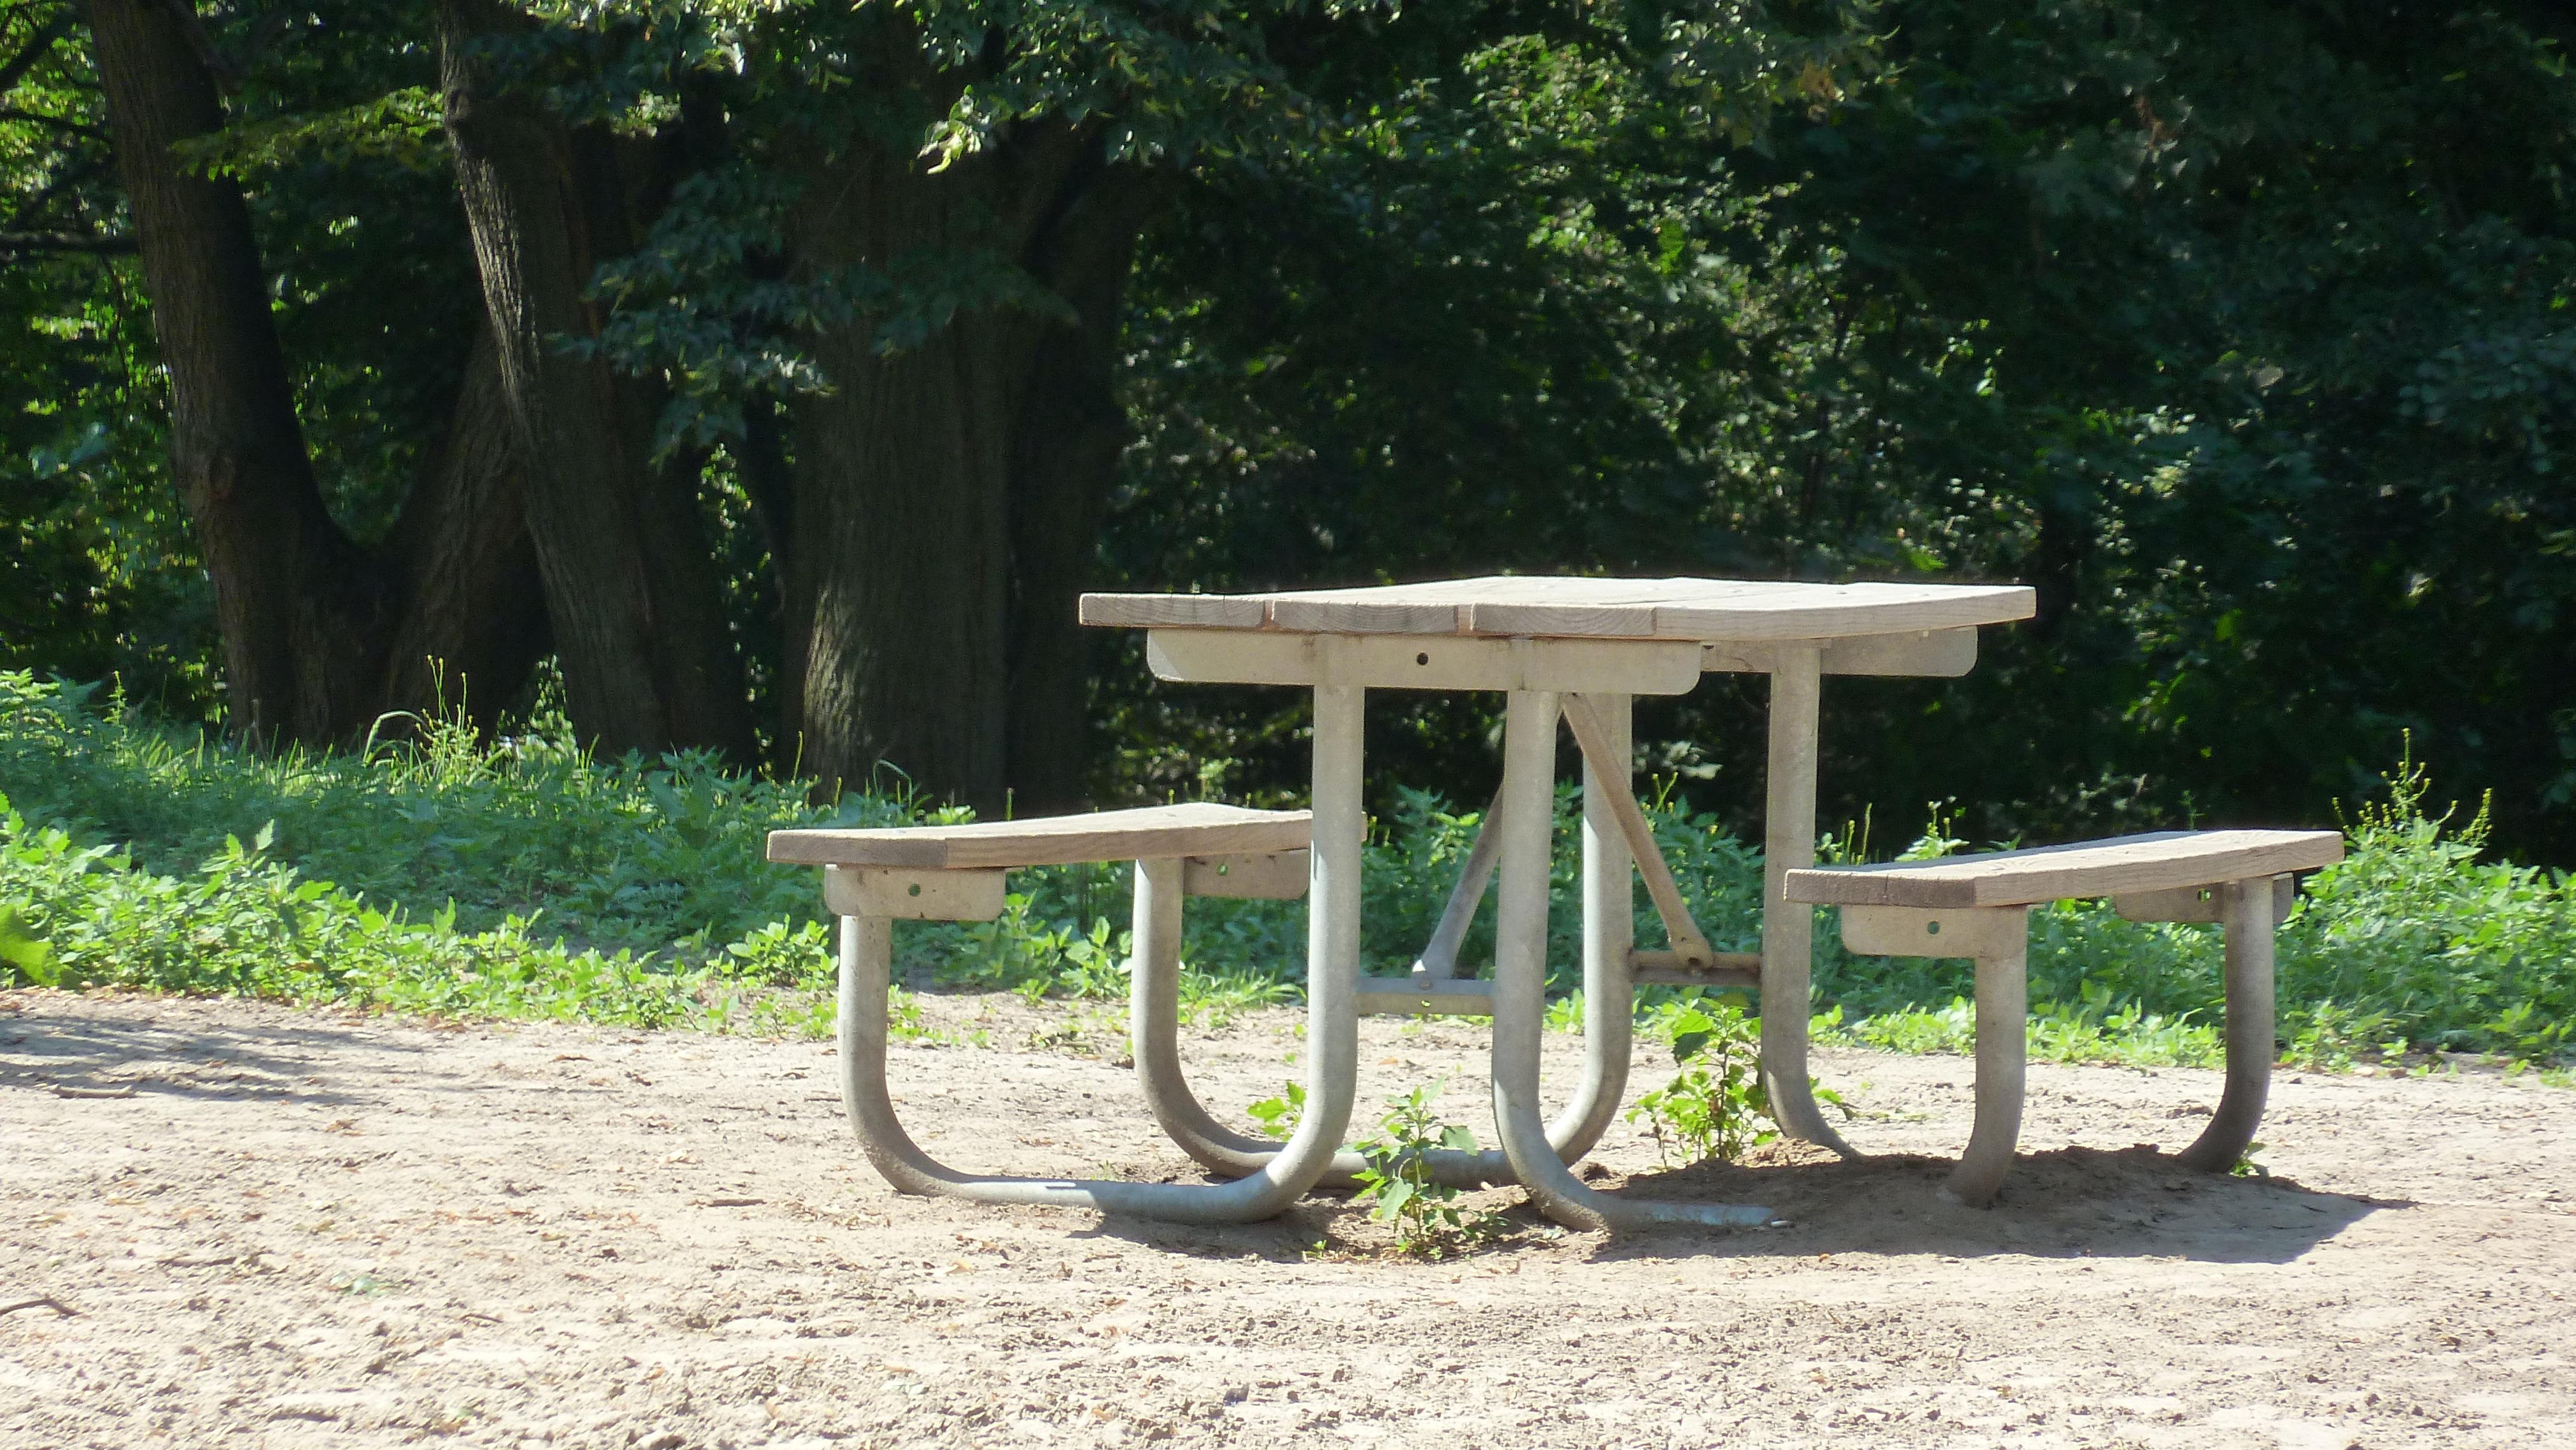 Fotos gratis : mesa, banco, silla, verano, escénico, parque, patio ...